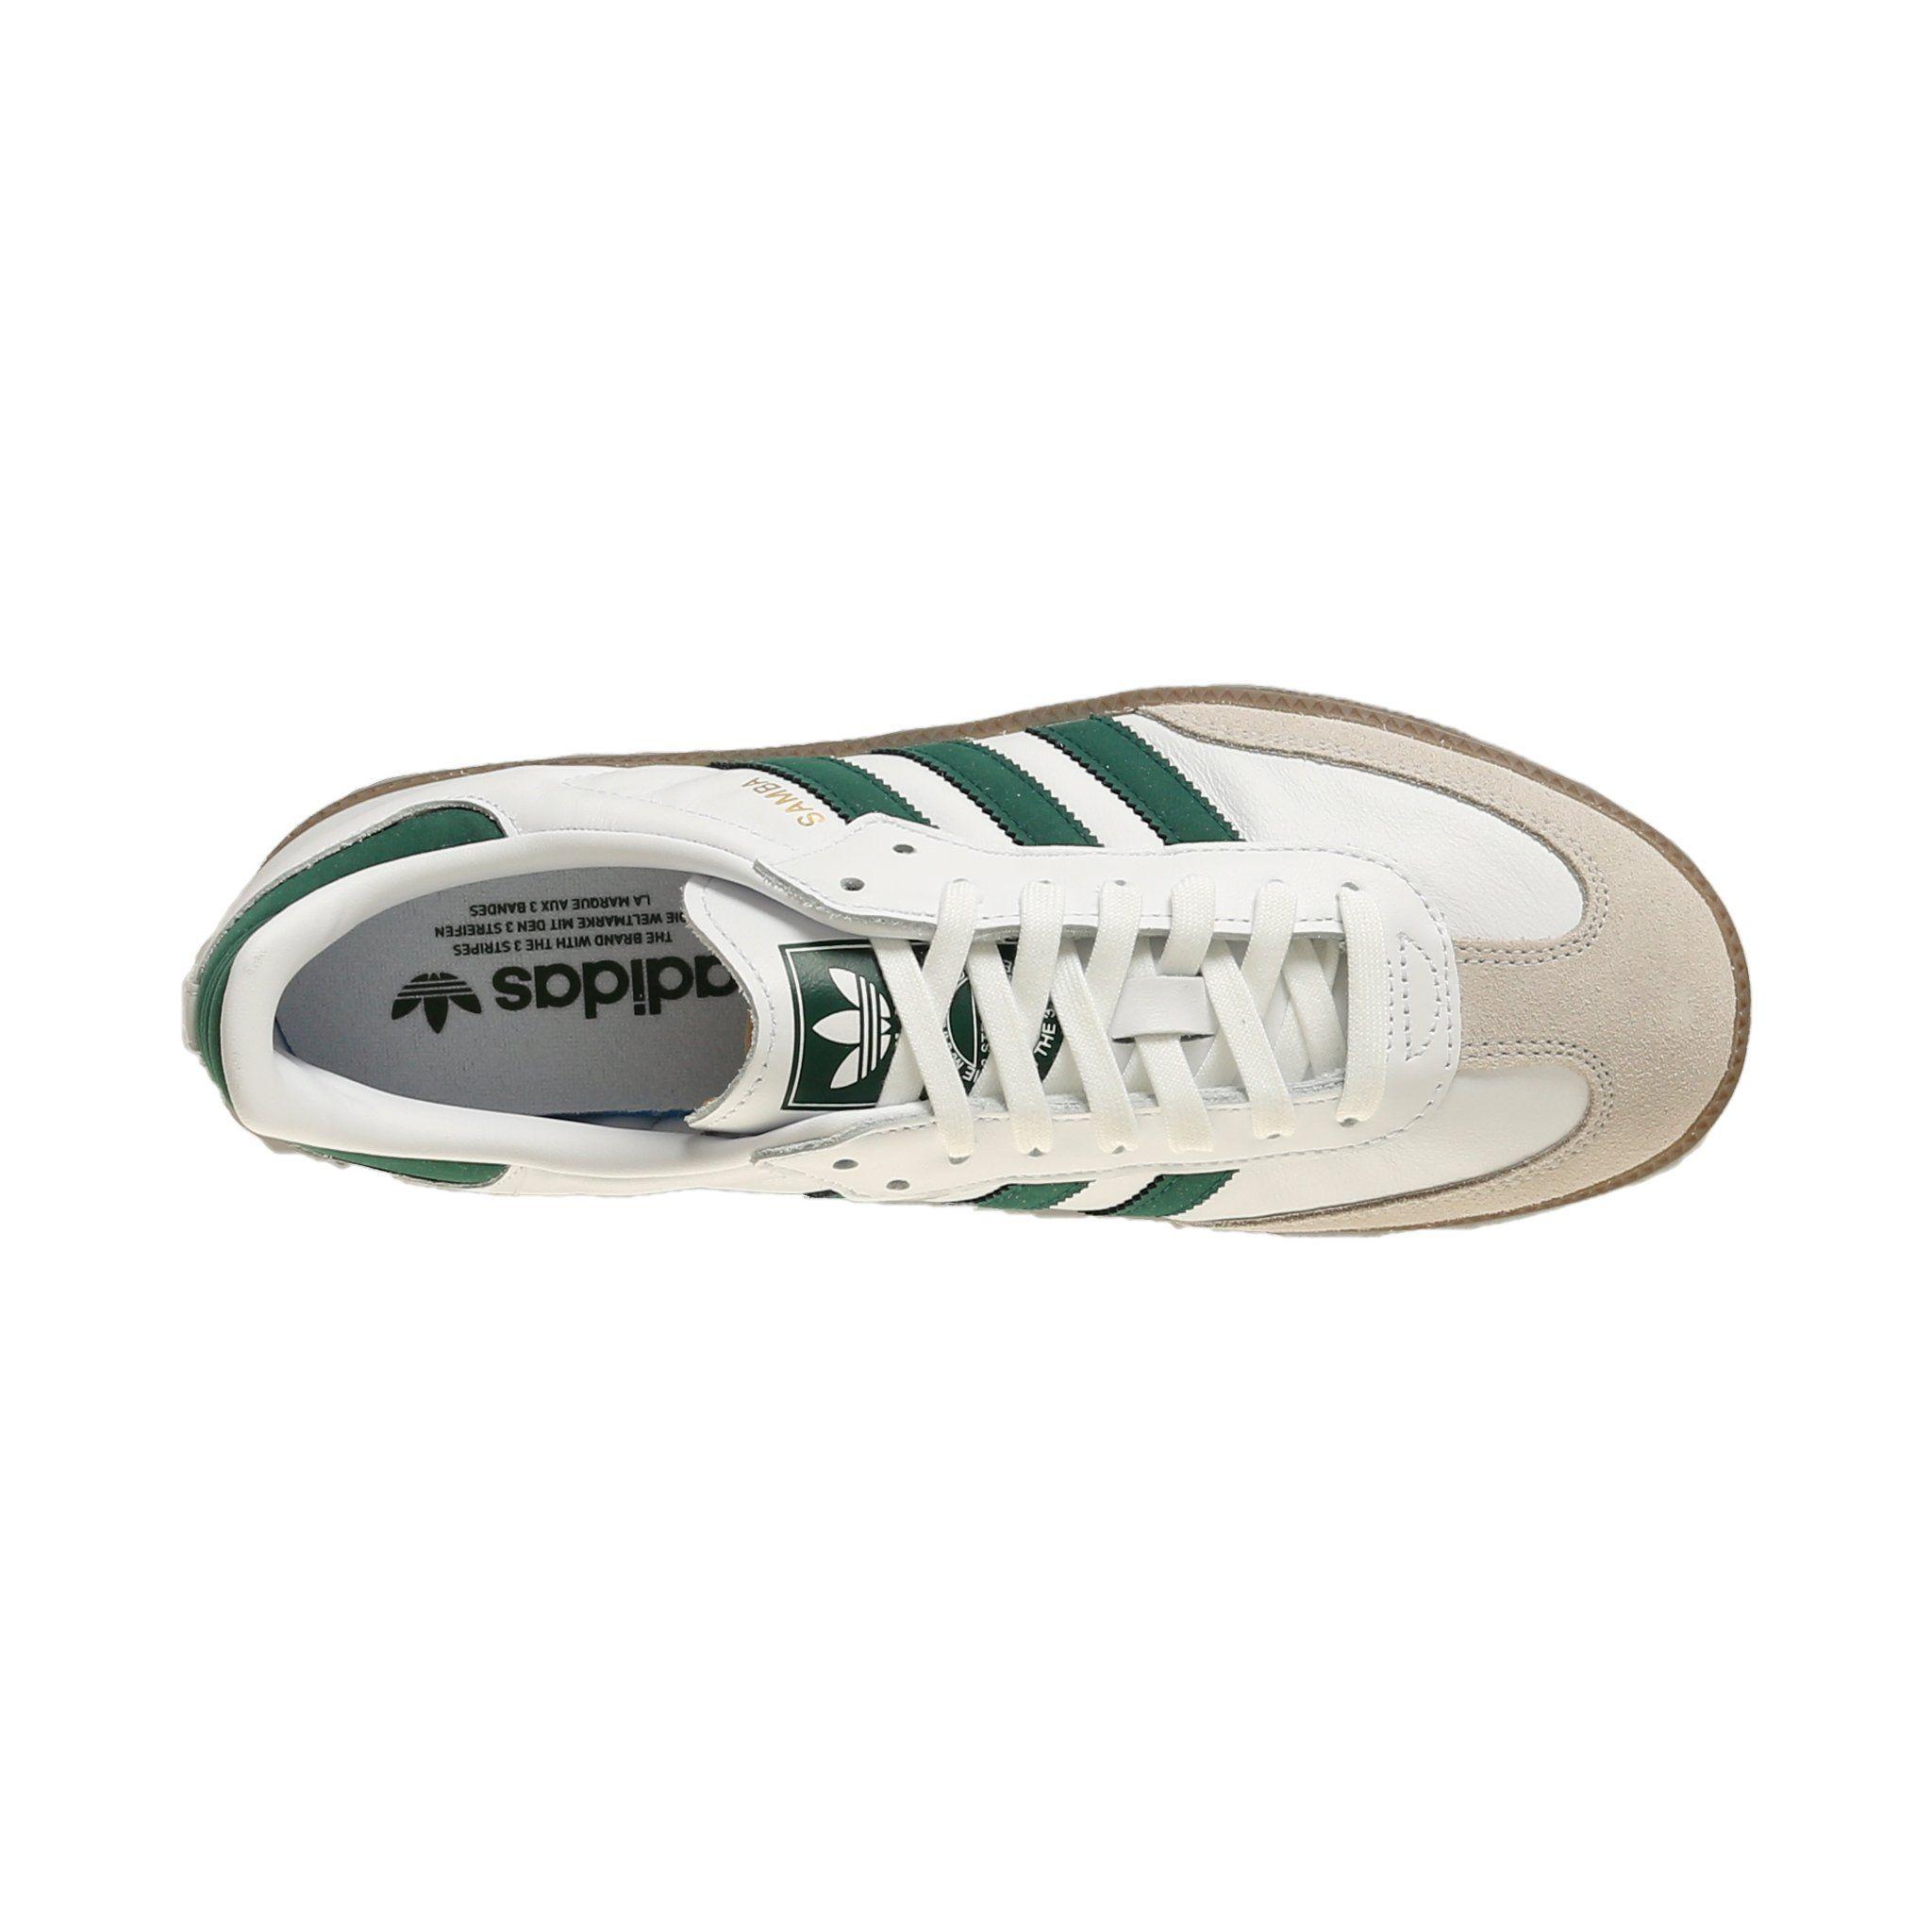 cb7e32d1d1cd Adidas Samba OG - White   Collegiate Green